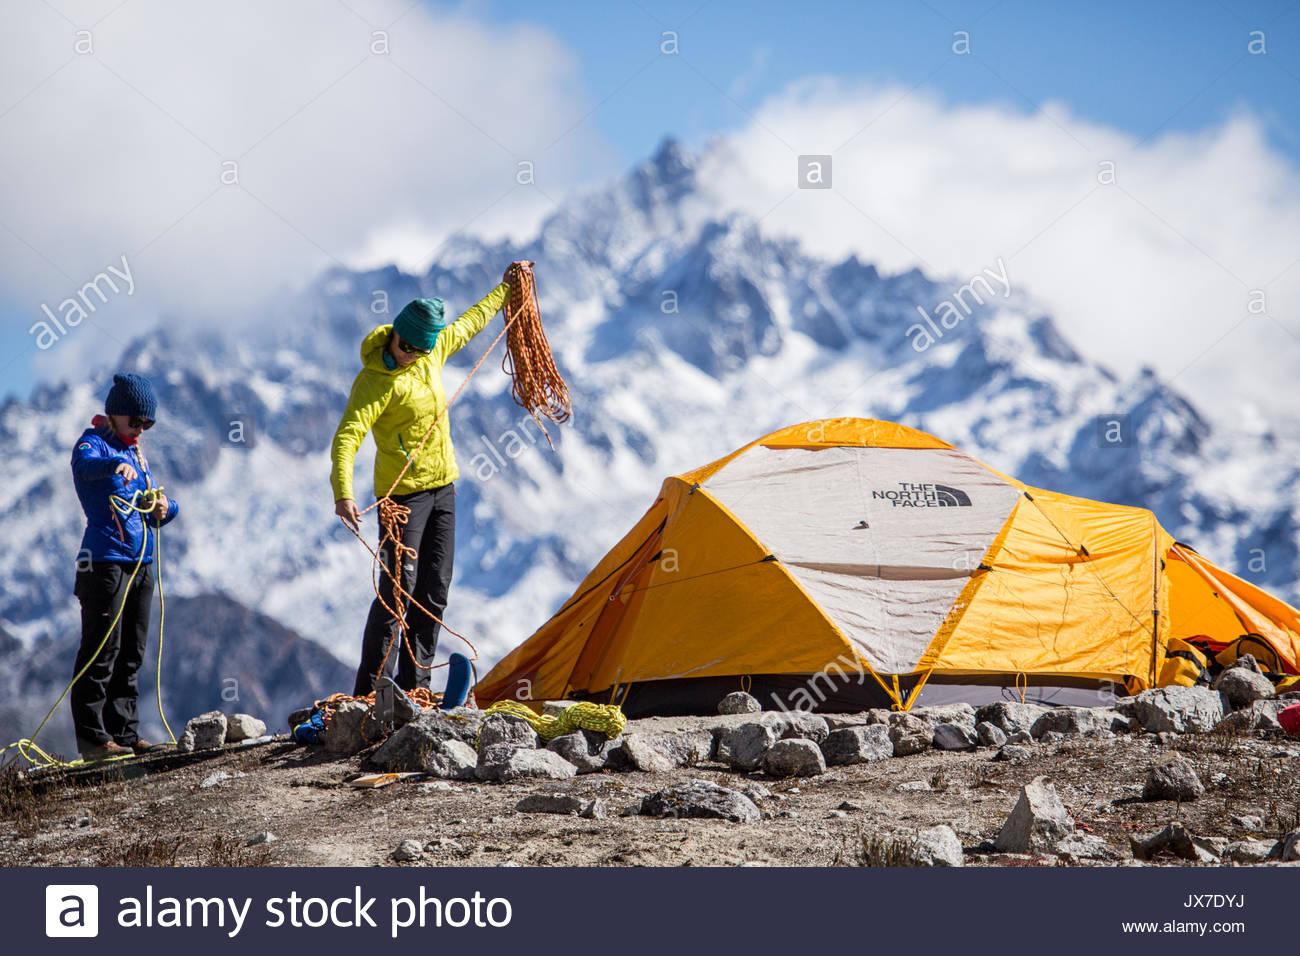 Expeditionsteilnehmer prüfen Kletterseilen und Gang vor der Einstellung auf einem Bergsteigen Expedition. Stockfoto